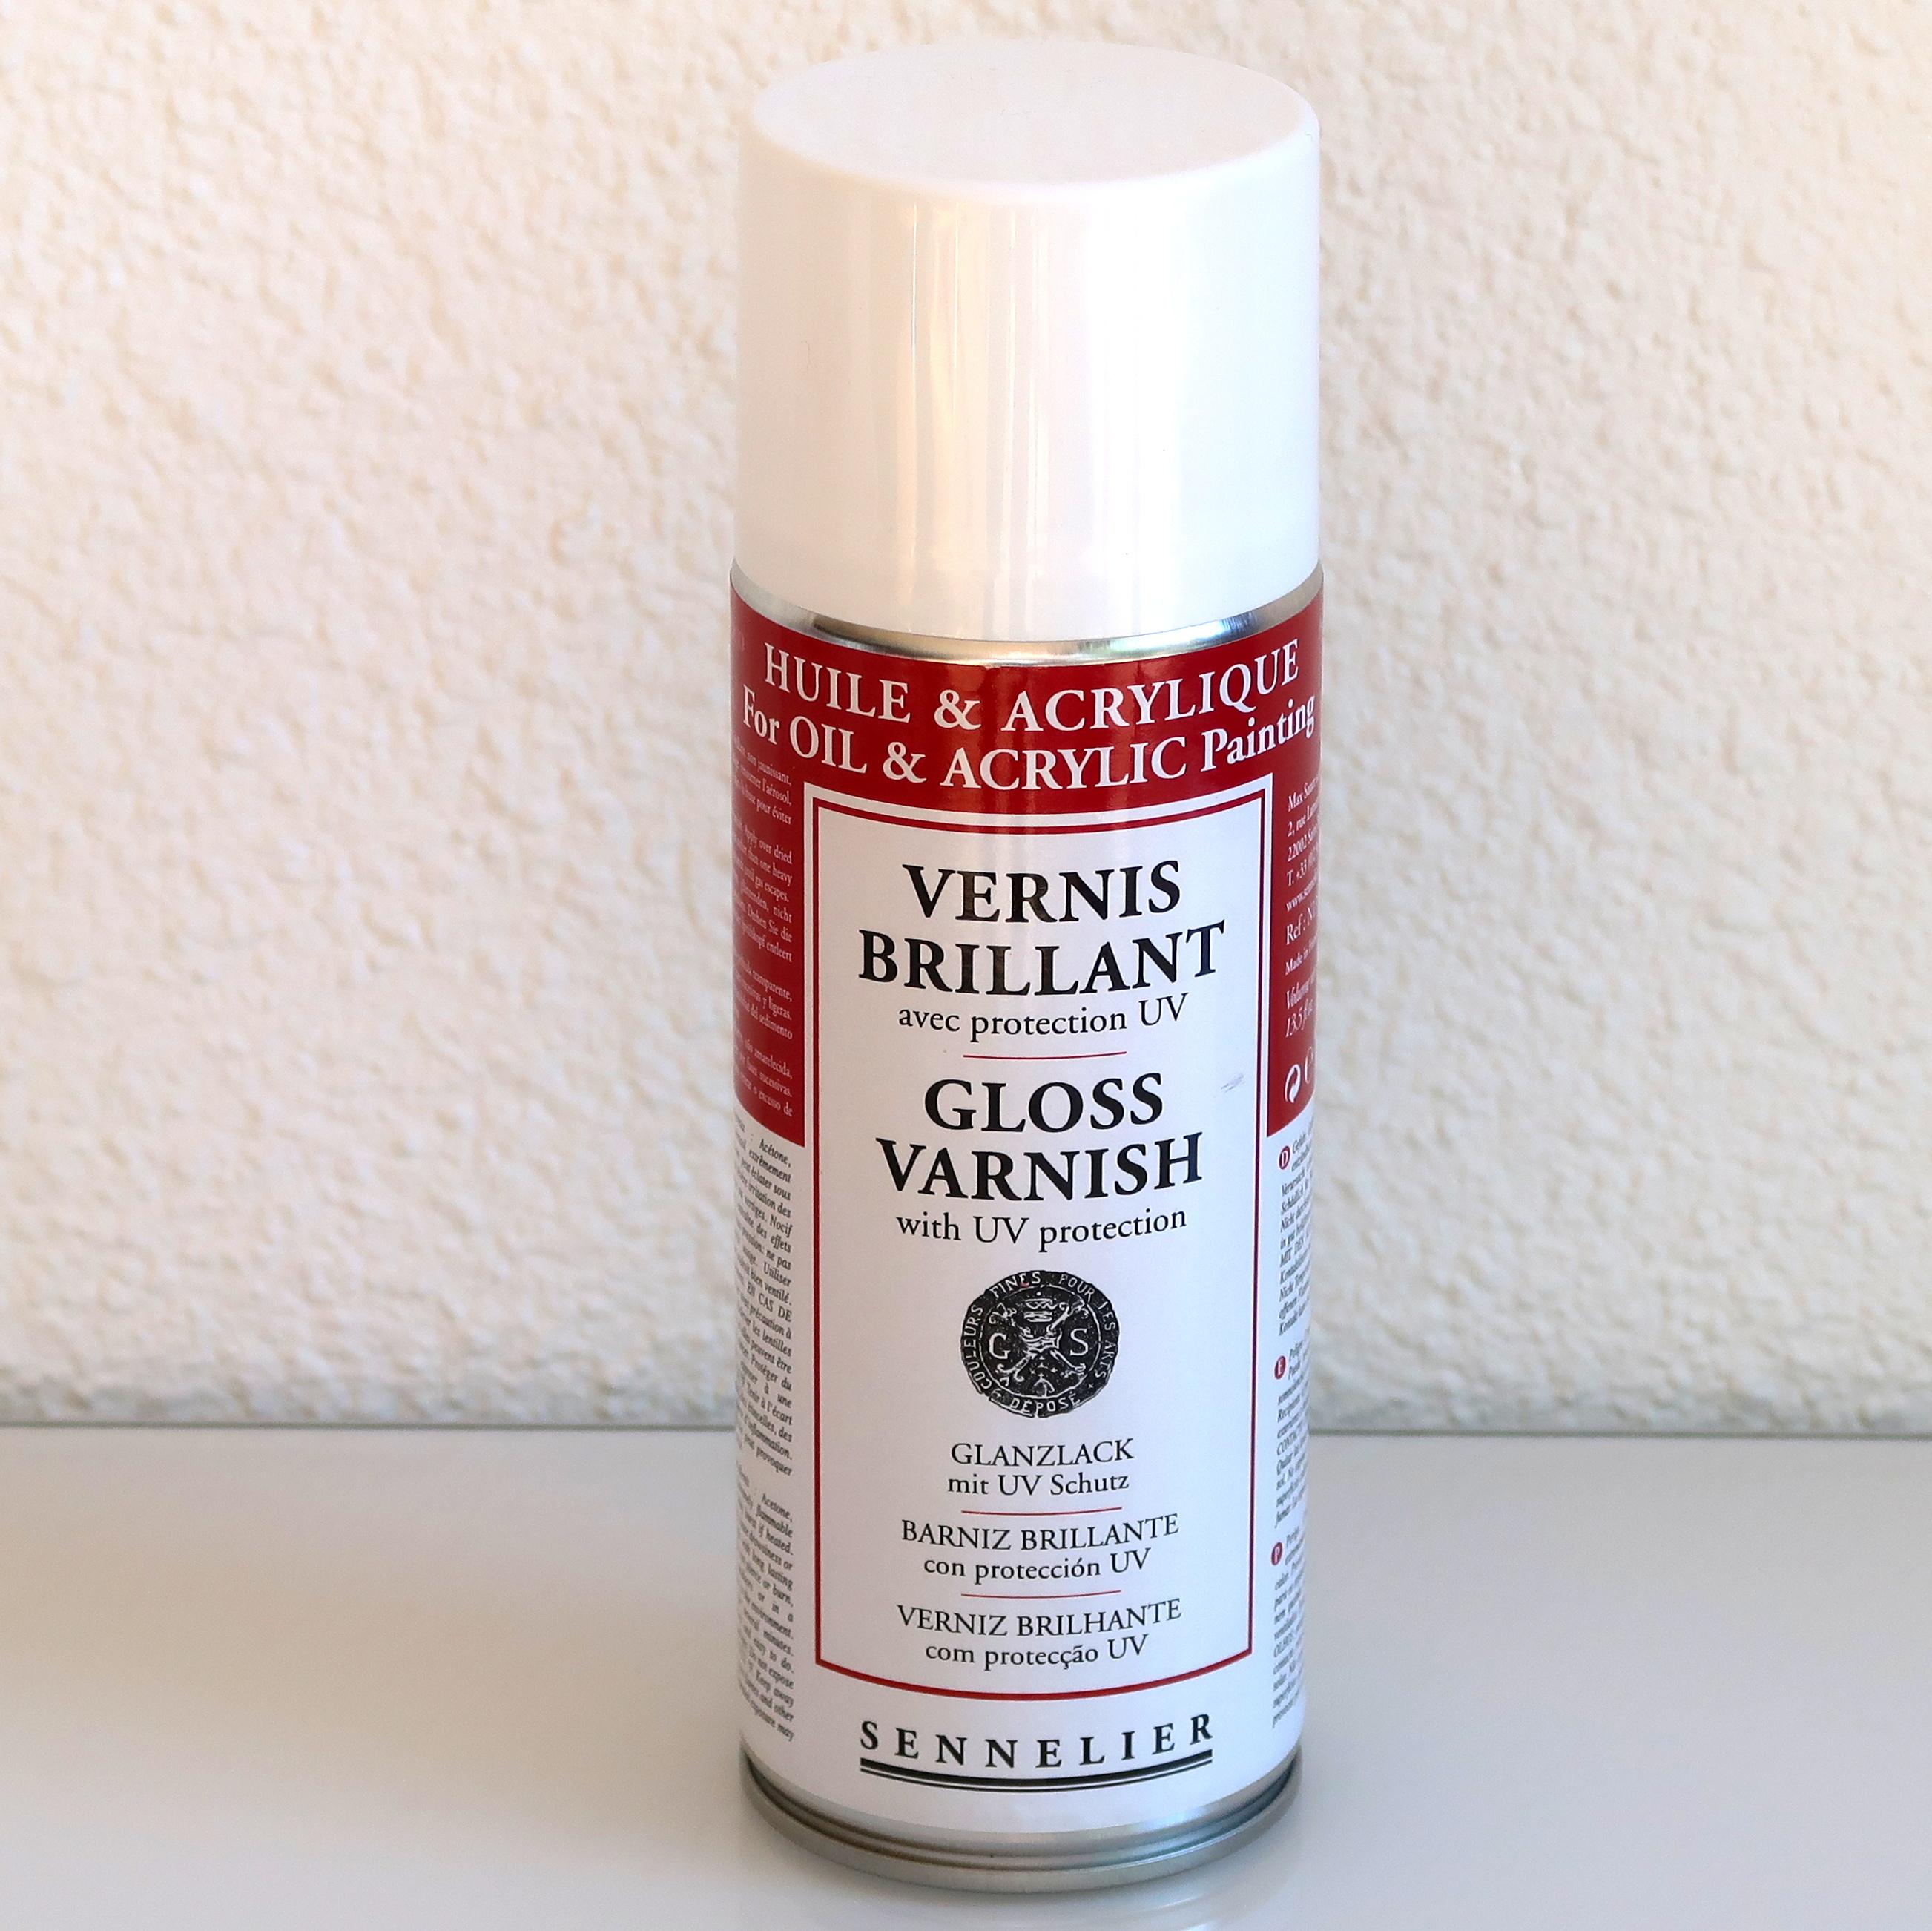 Vernis en spray/ Spray varnish